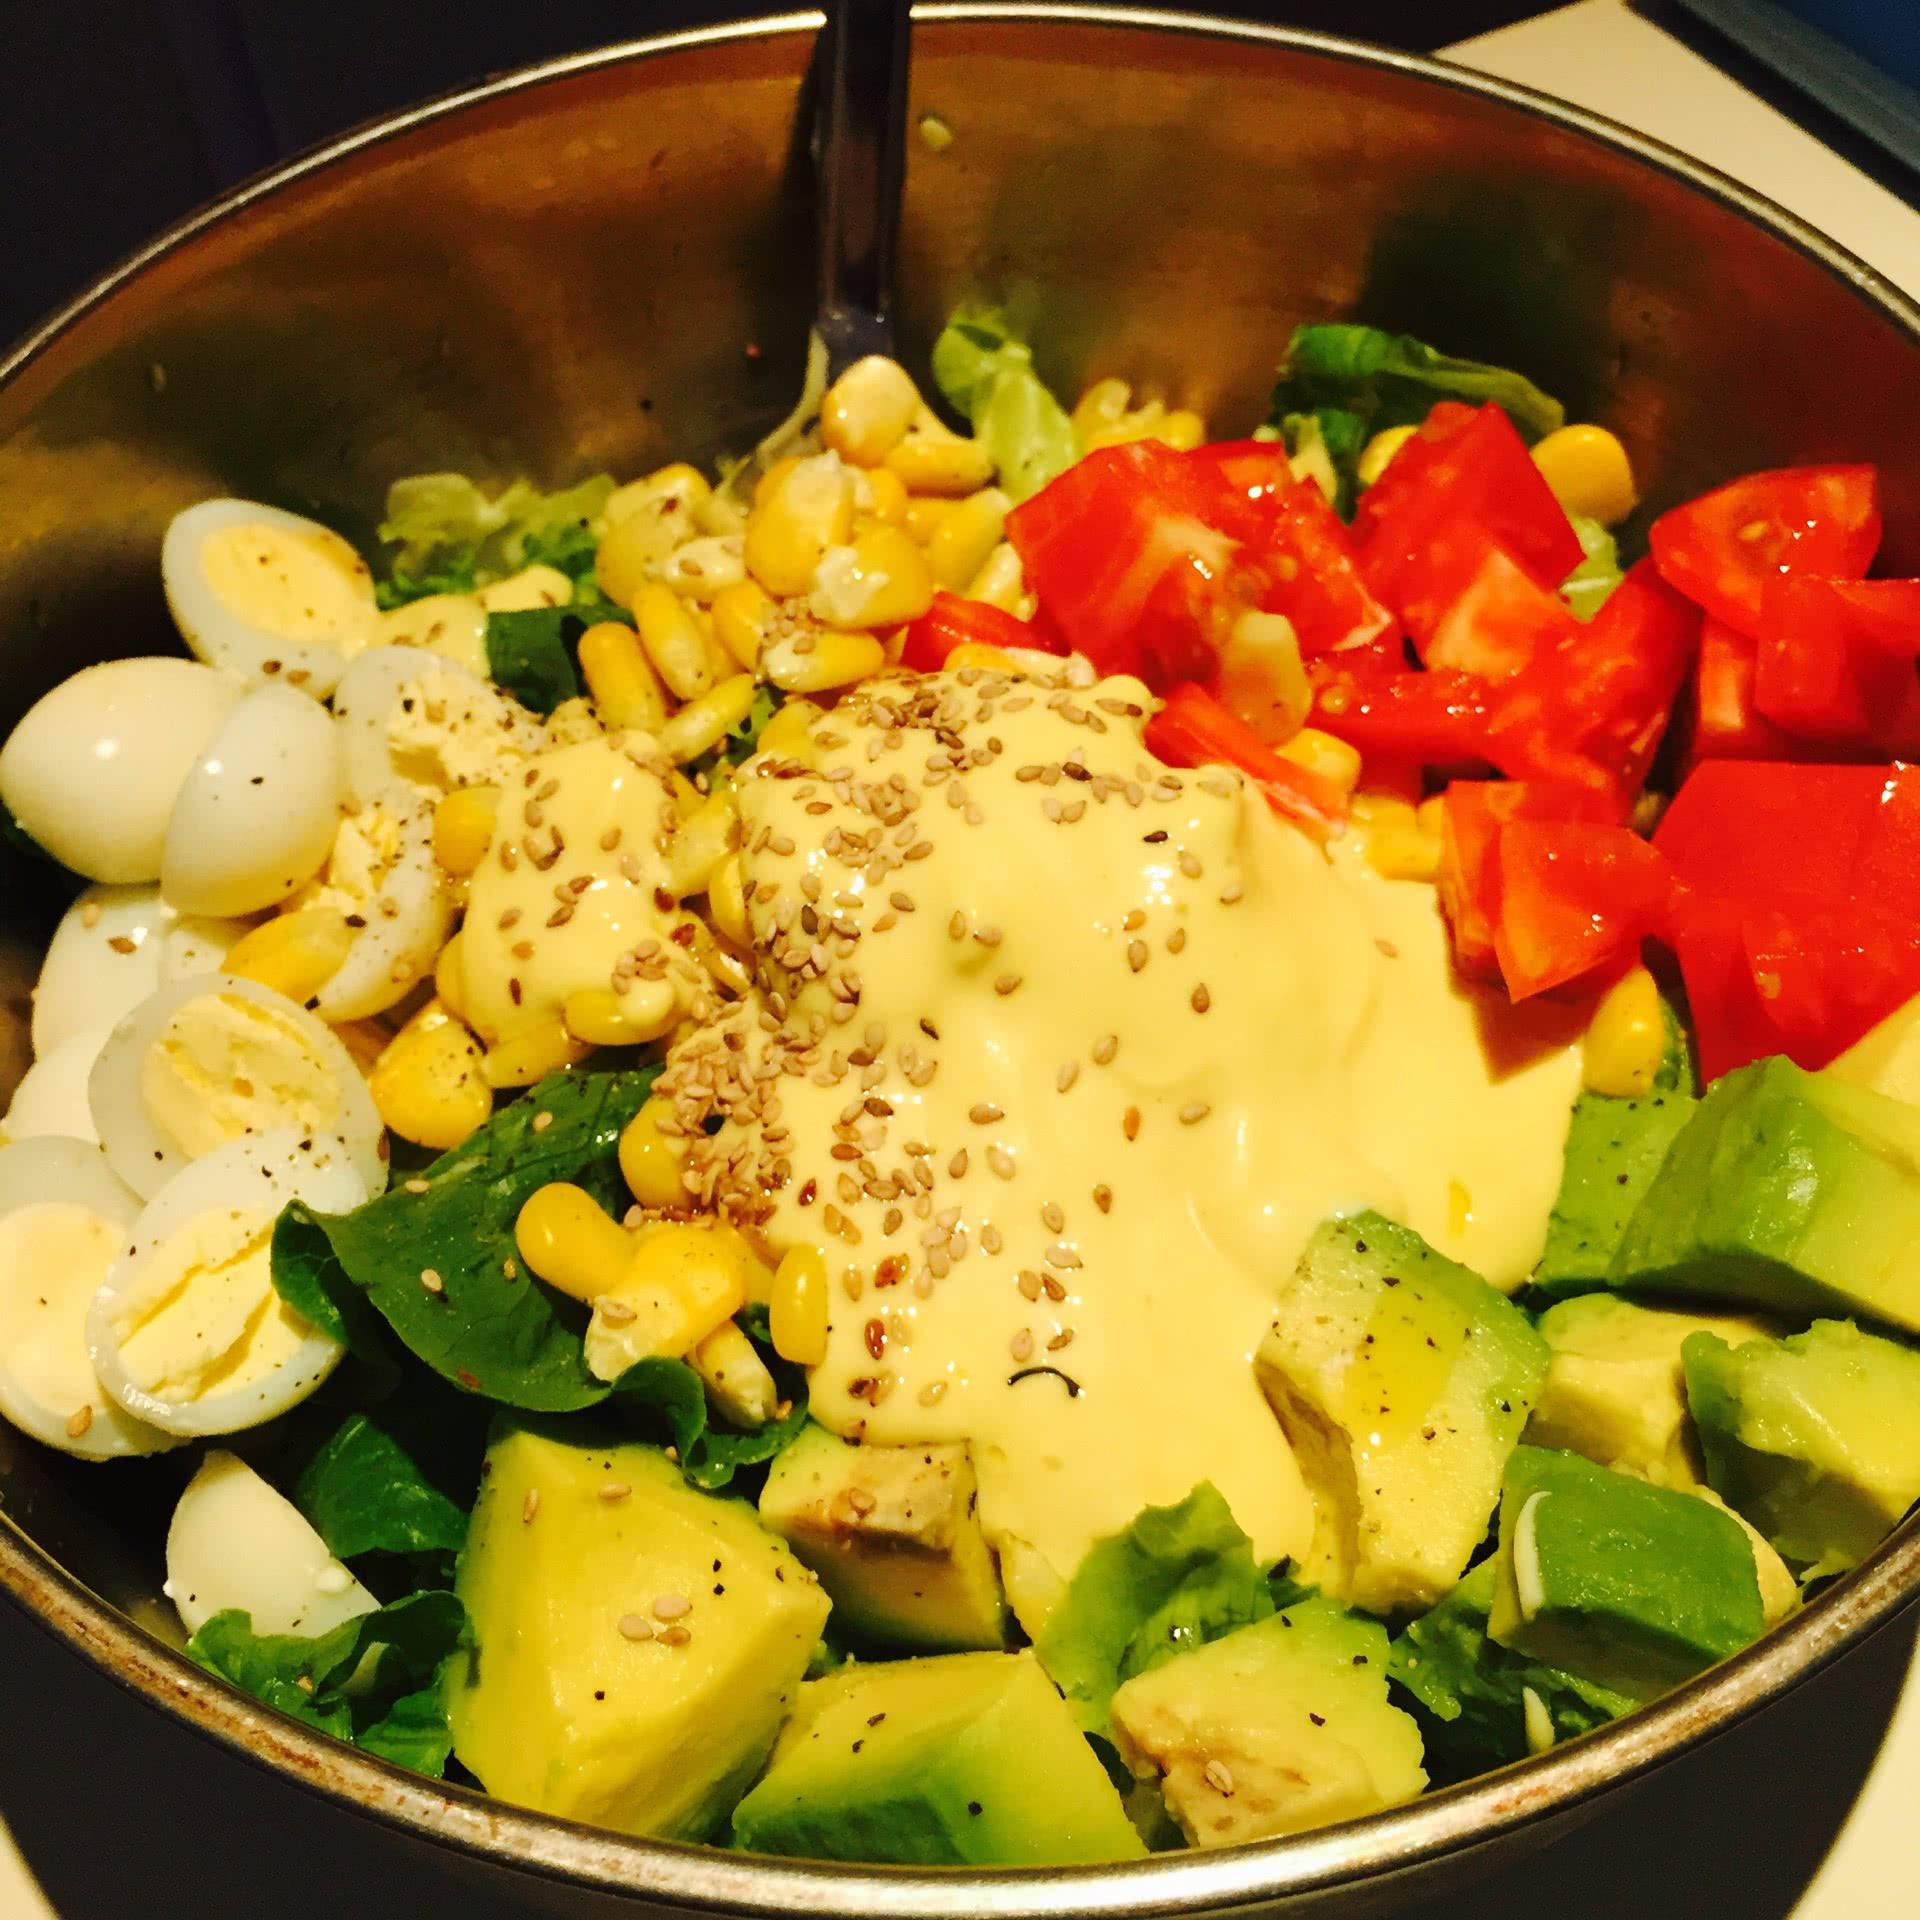 黄芥末酱适量 沙拉酱适量 熟芝麻适量 蔬菜沙拉的做法步骤        本